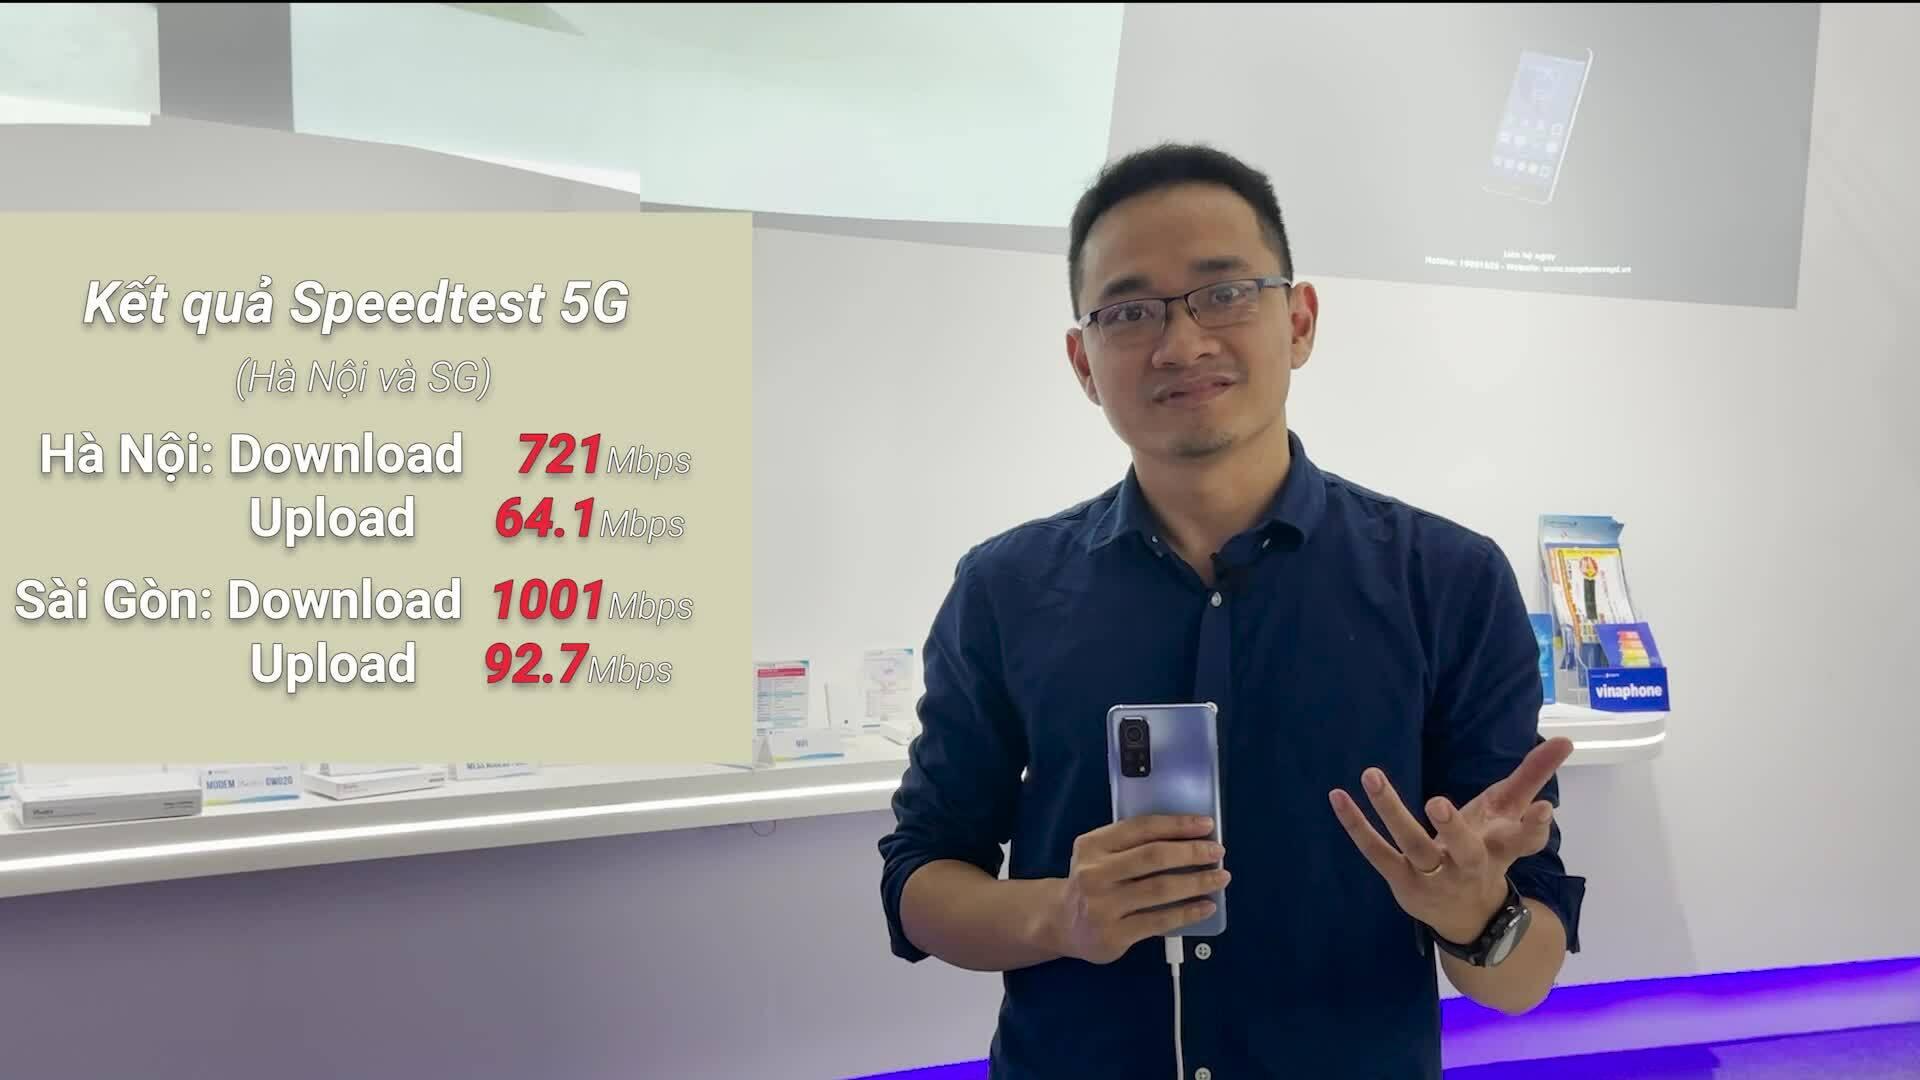 Thử nghiệm tốc độ mạng 5G tại Việt Nam